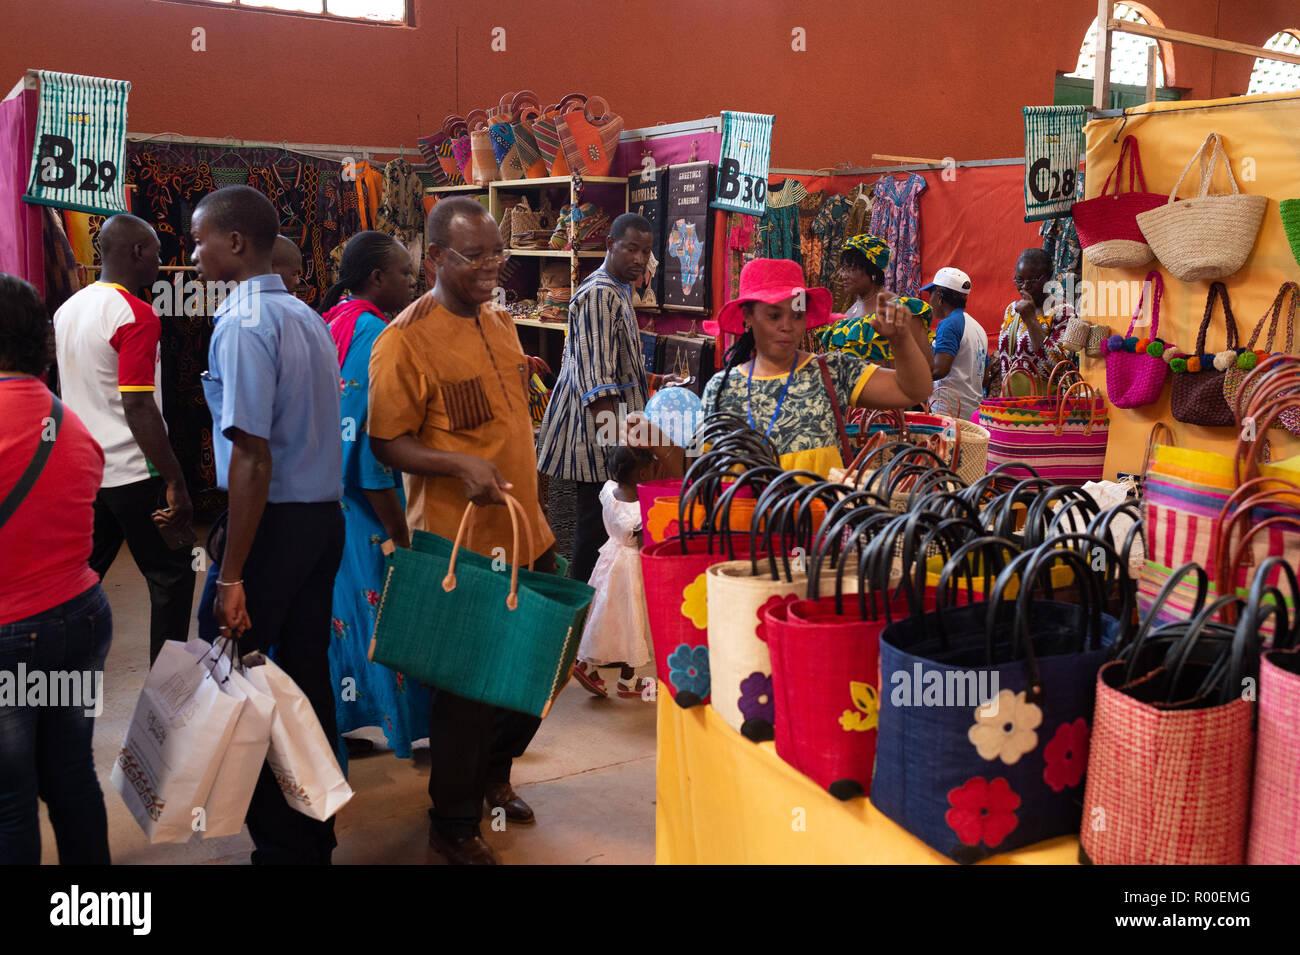 SIAO Ouagadougou, Internacional Feria de Artes y Artesanías, feria regional, 26 de octubre - 04 de noviembre de 2018, Ougadoungou, Burkina Faso, África Foto de stock